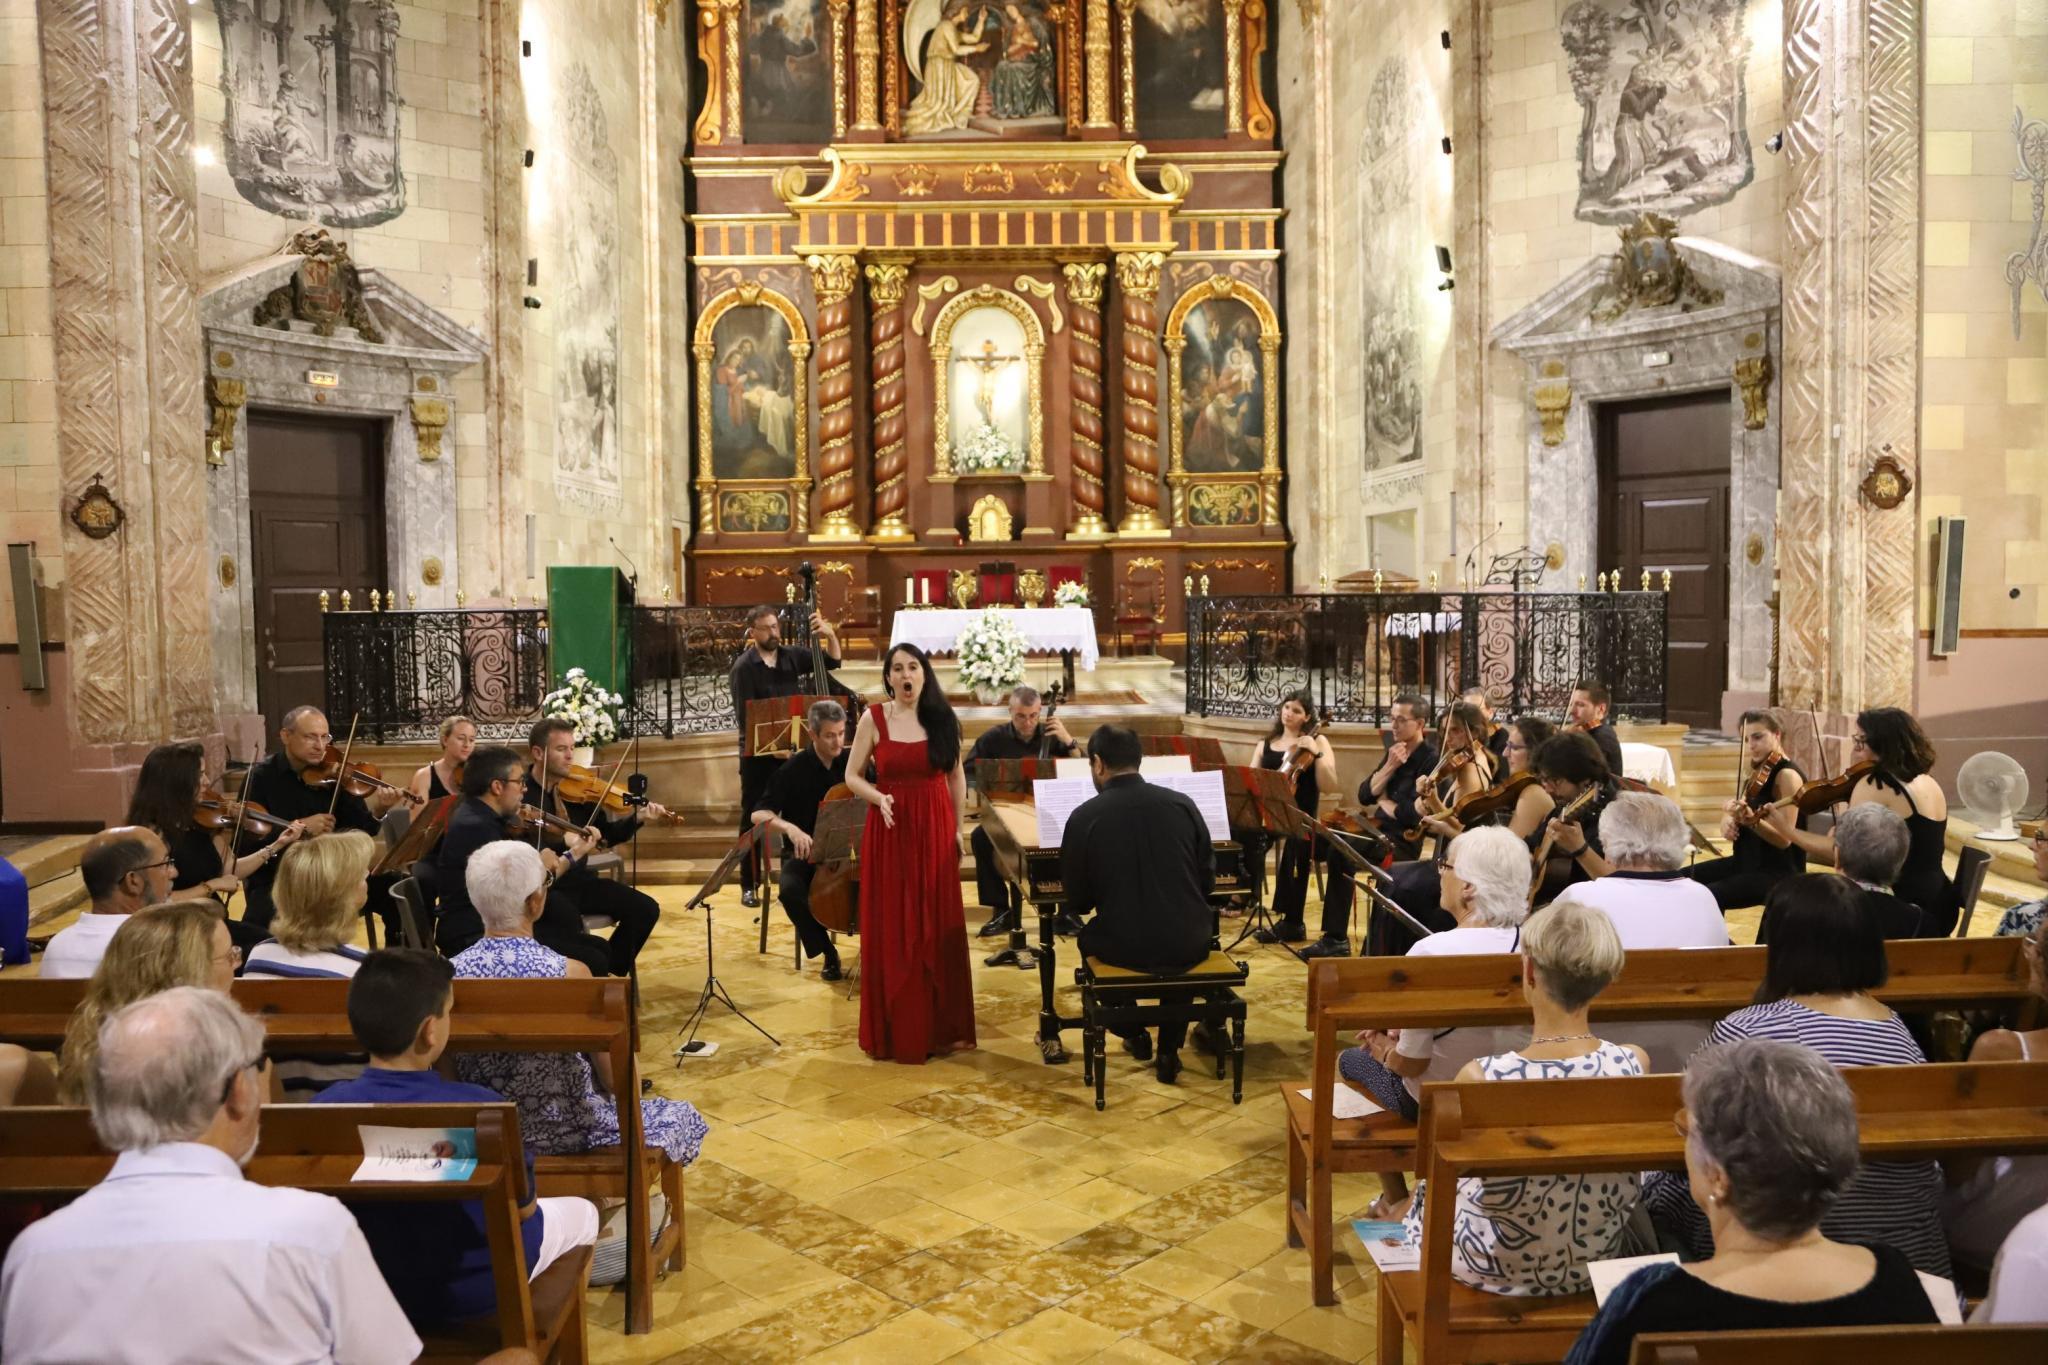 Ars Musicae perform in Marratxi this evening